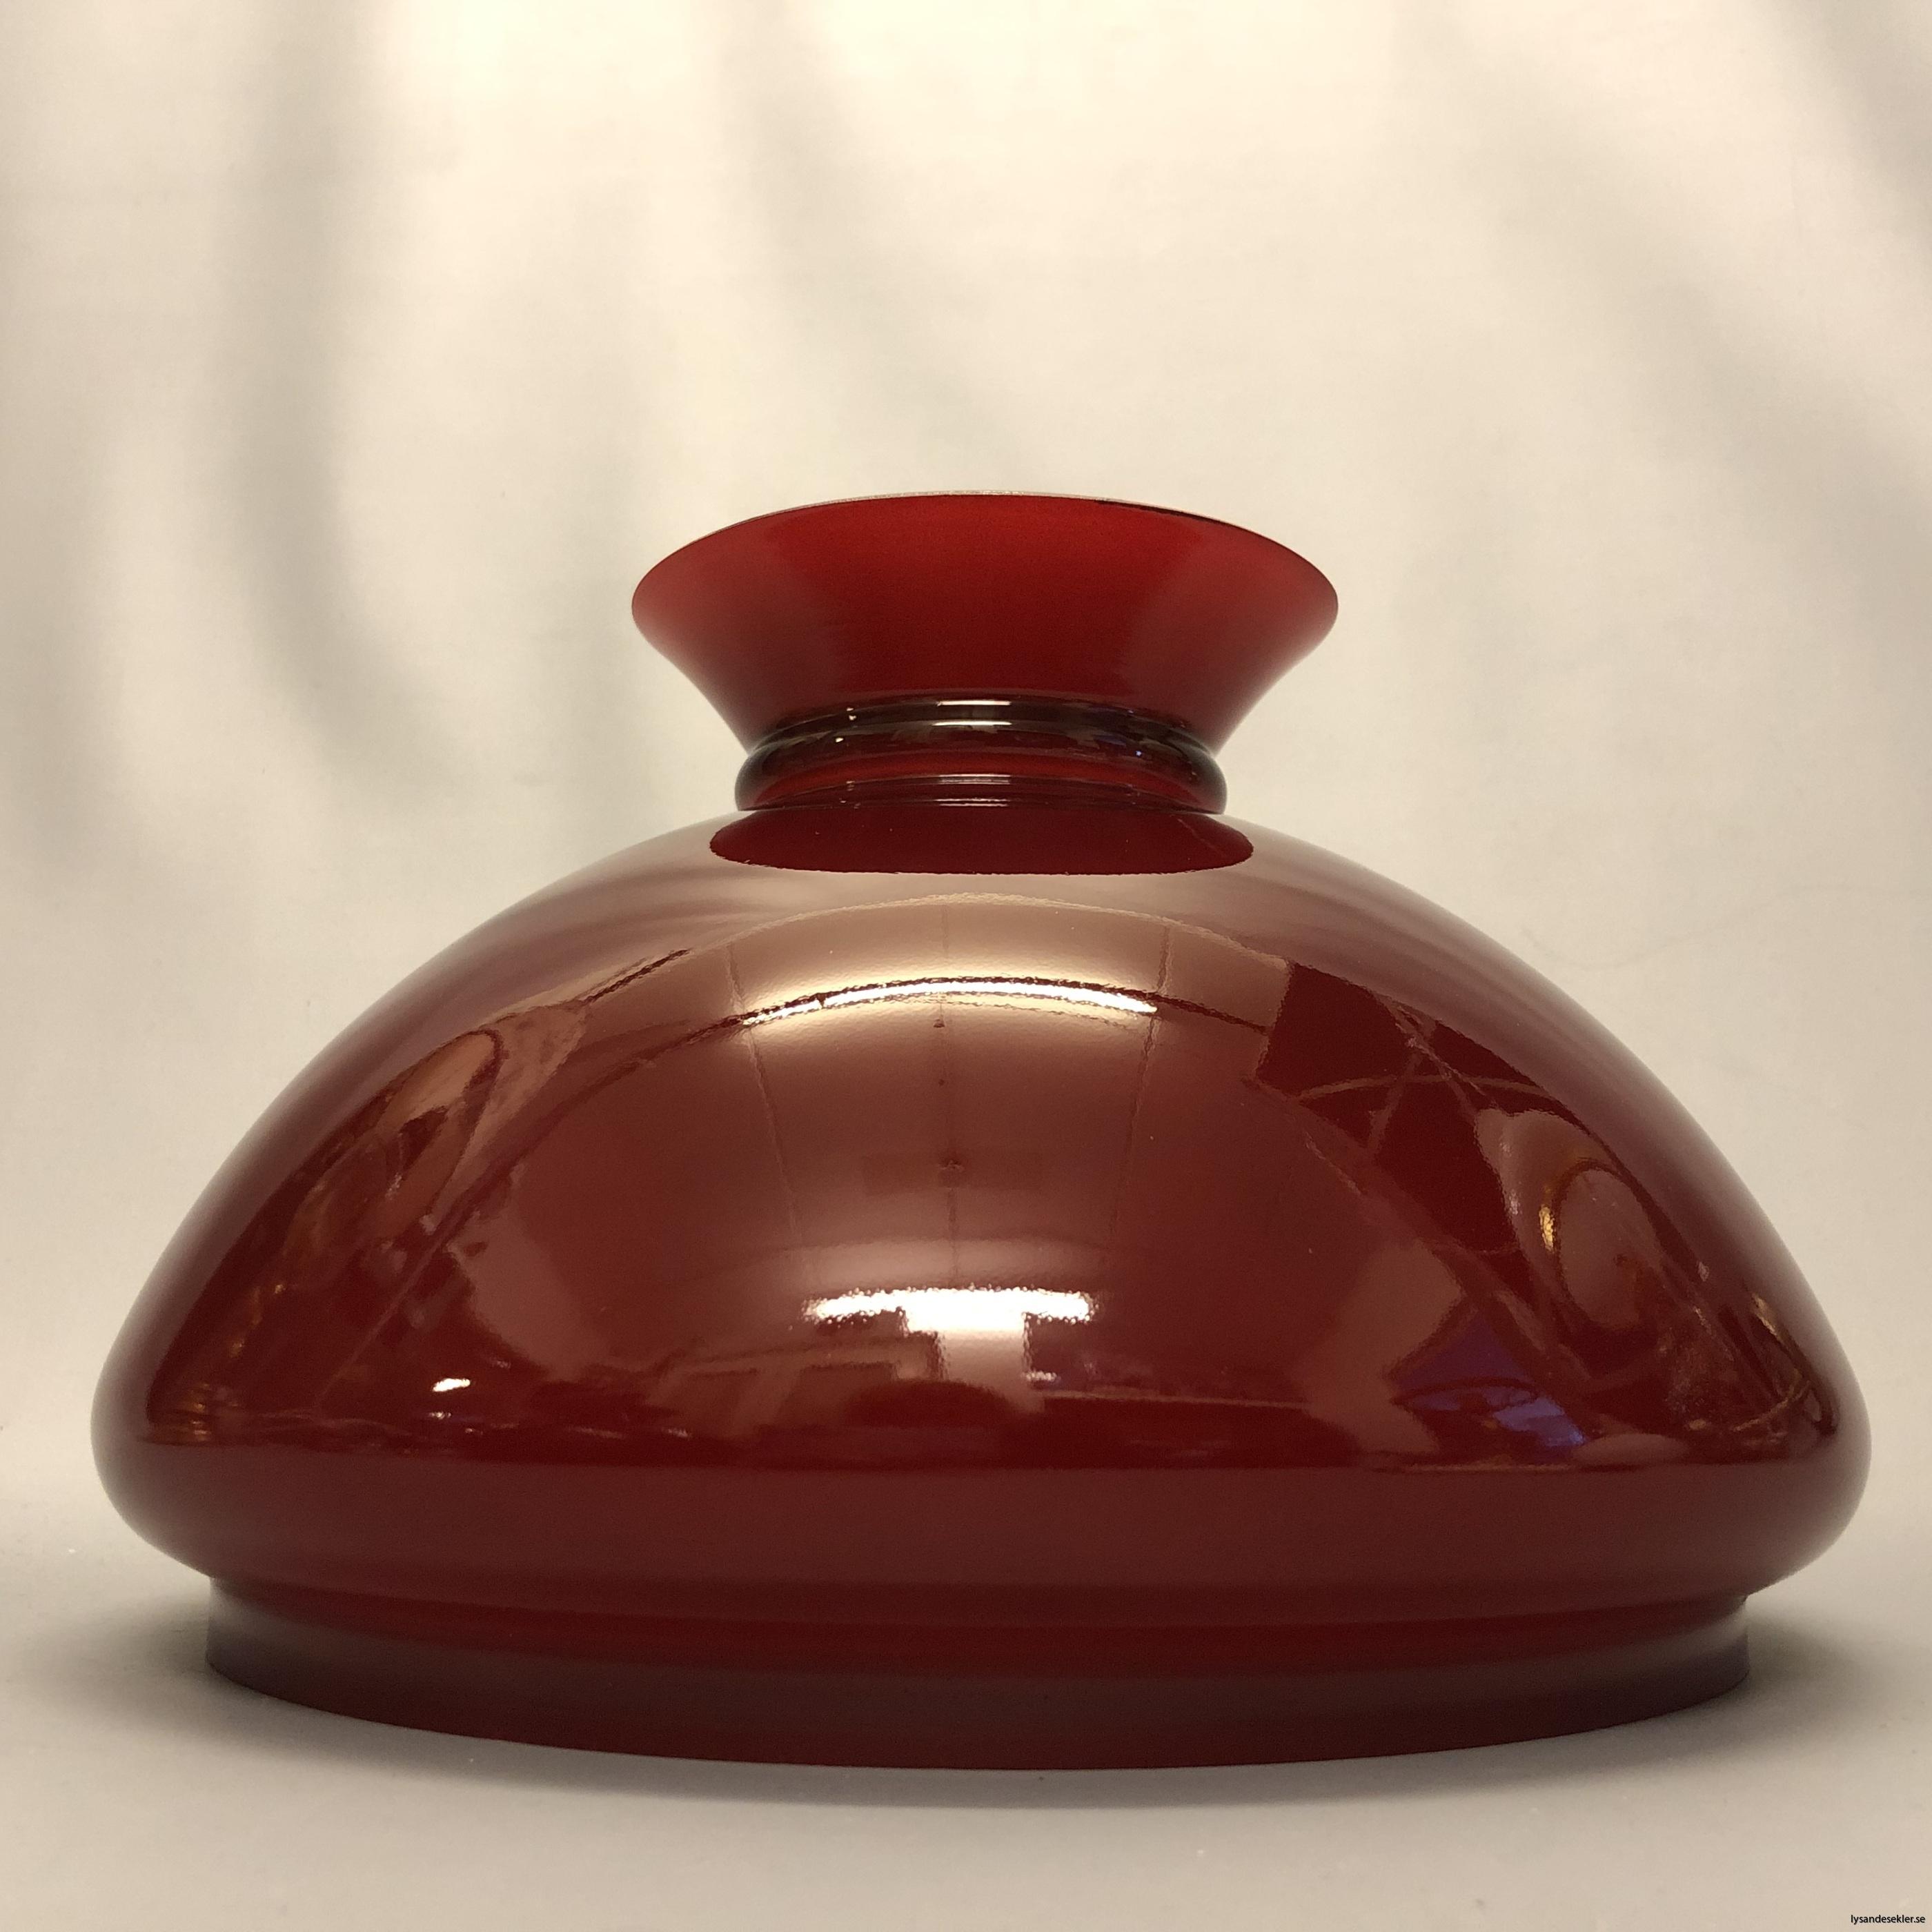 färgad vesta vestaskärm i färg fotogenskärm grön röd gul orange skärm till fotogenlampa19